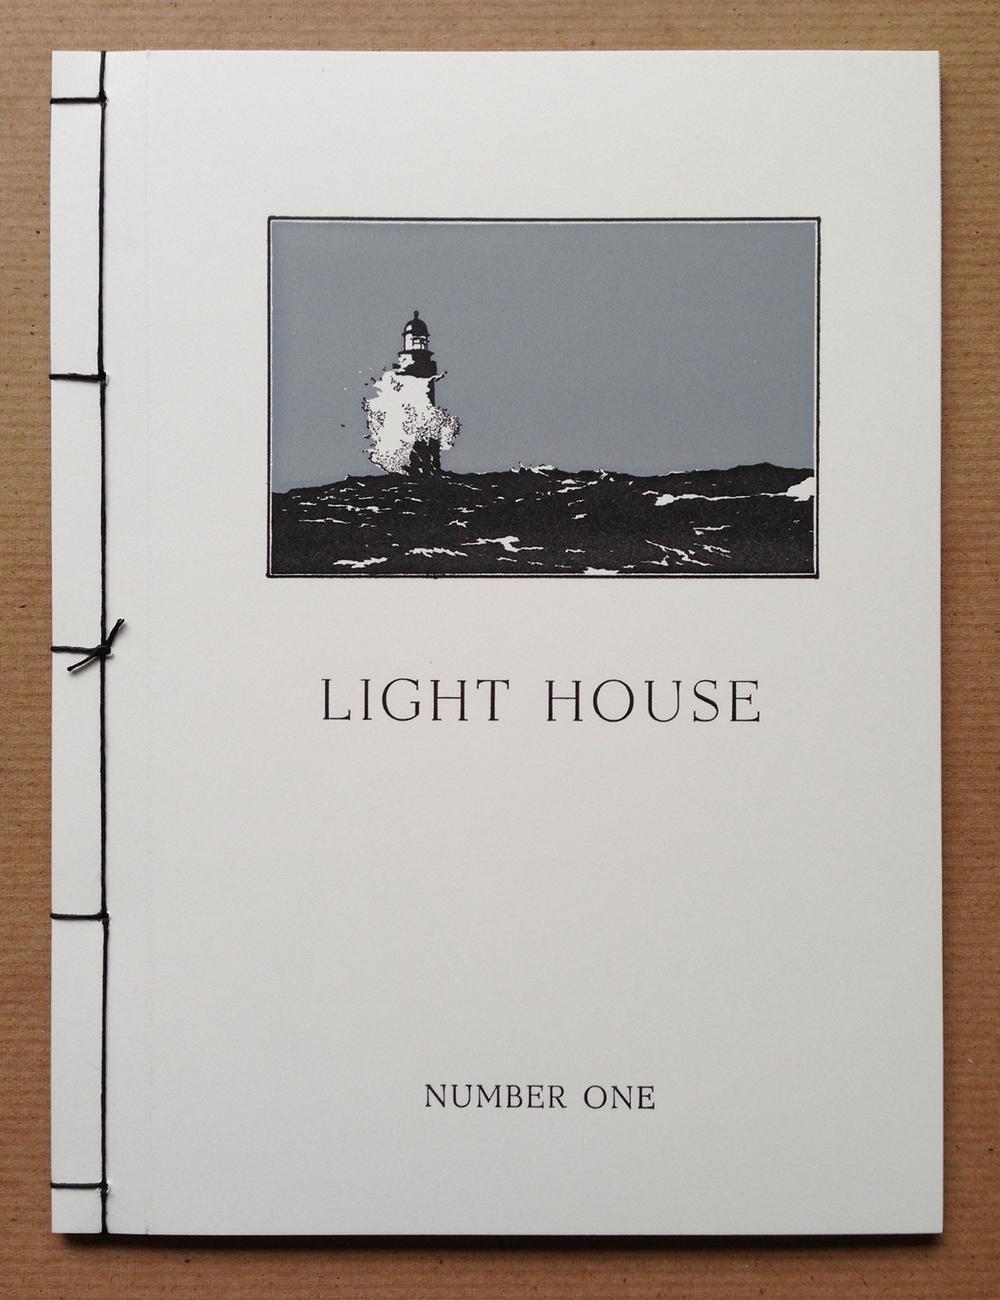 Light House No. 1